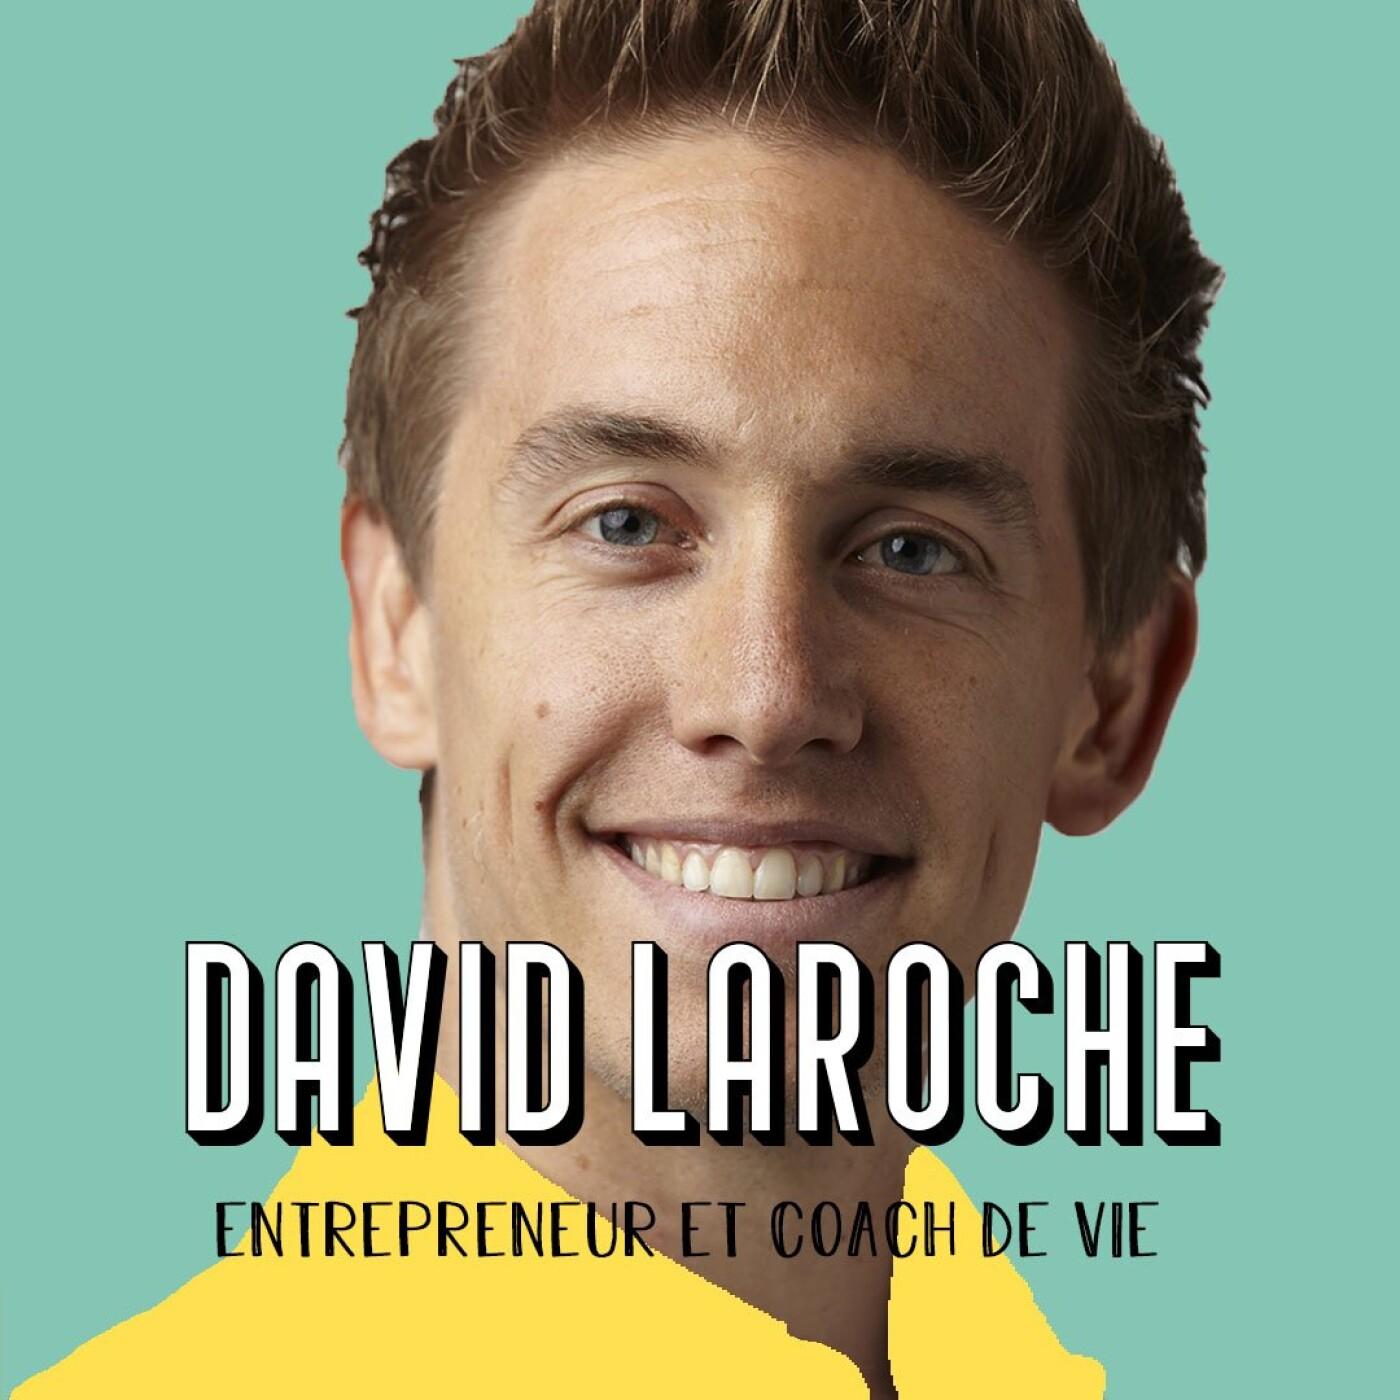 [EXTRAIT] - David Laroche sur l'impact des efforts quotidiens